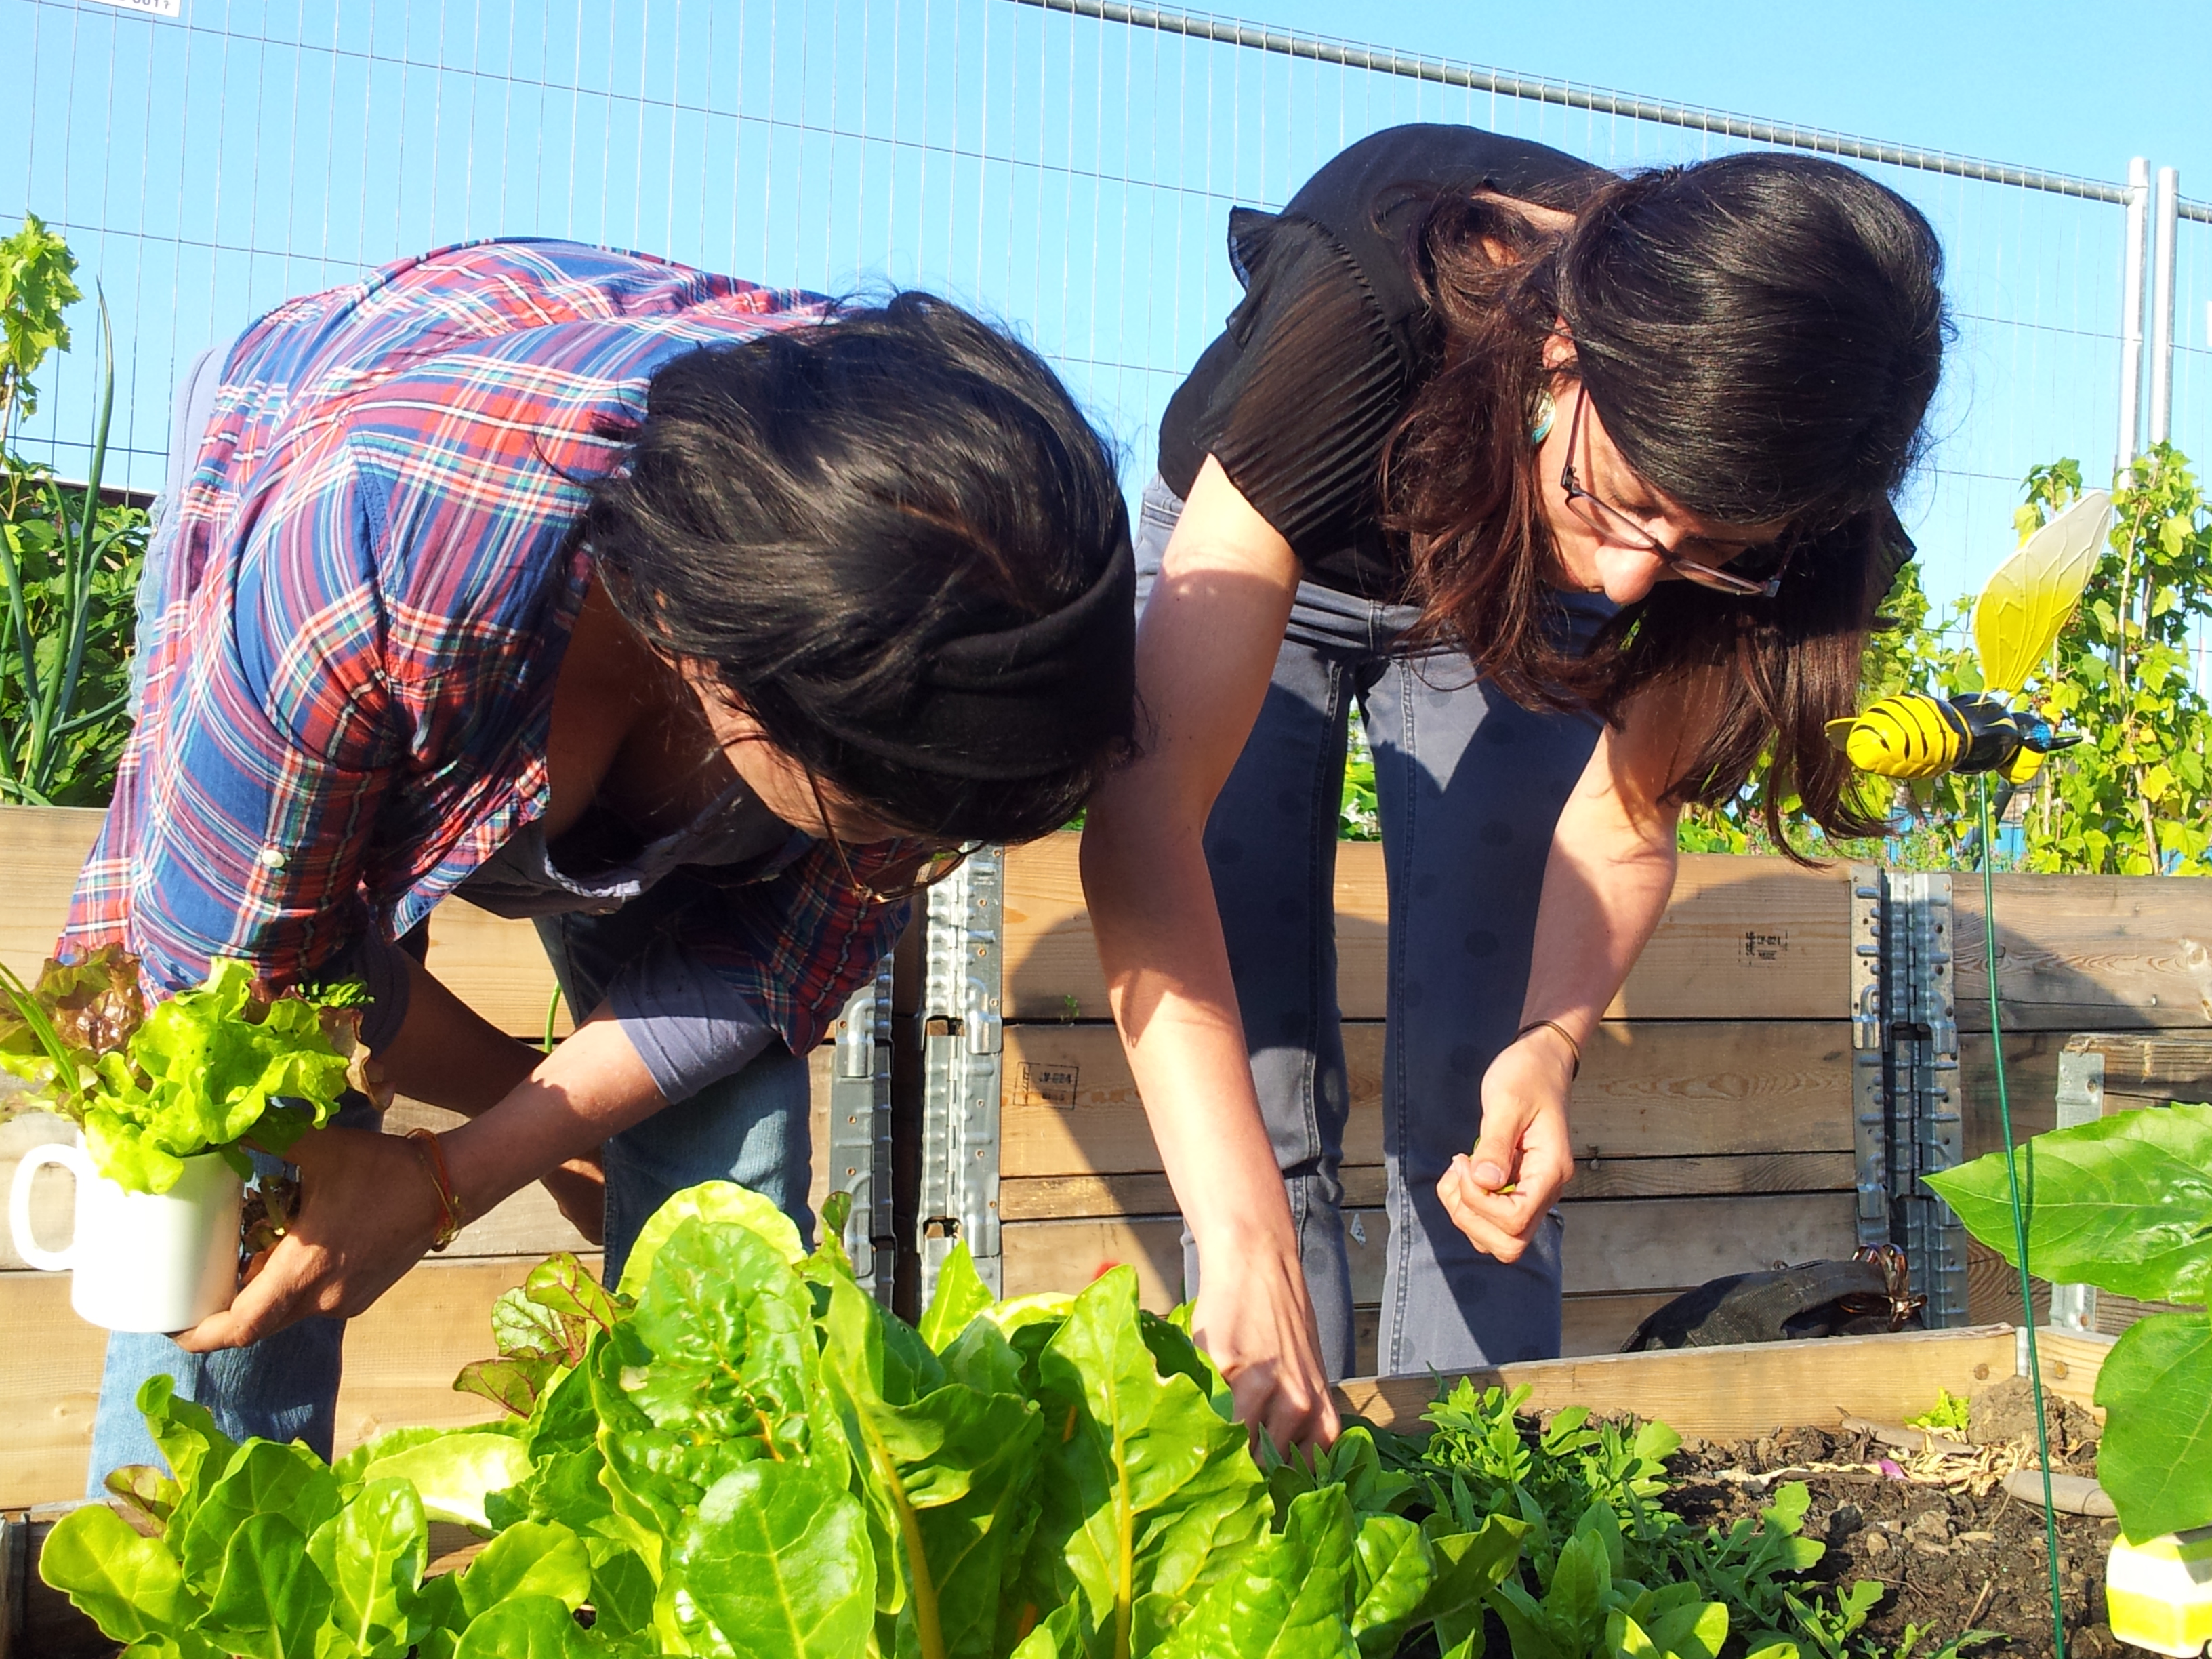 Gardeners in the Grove Community Garden